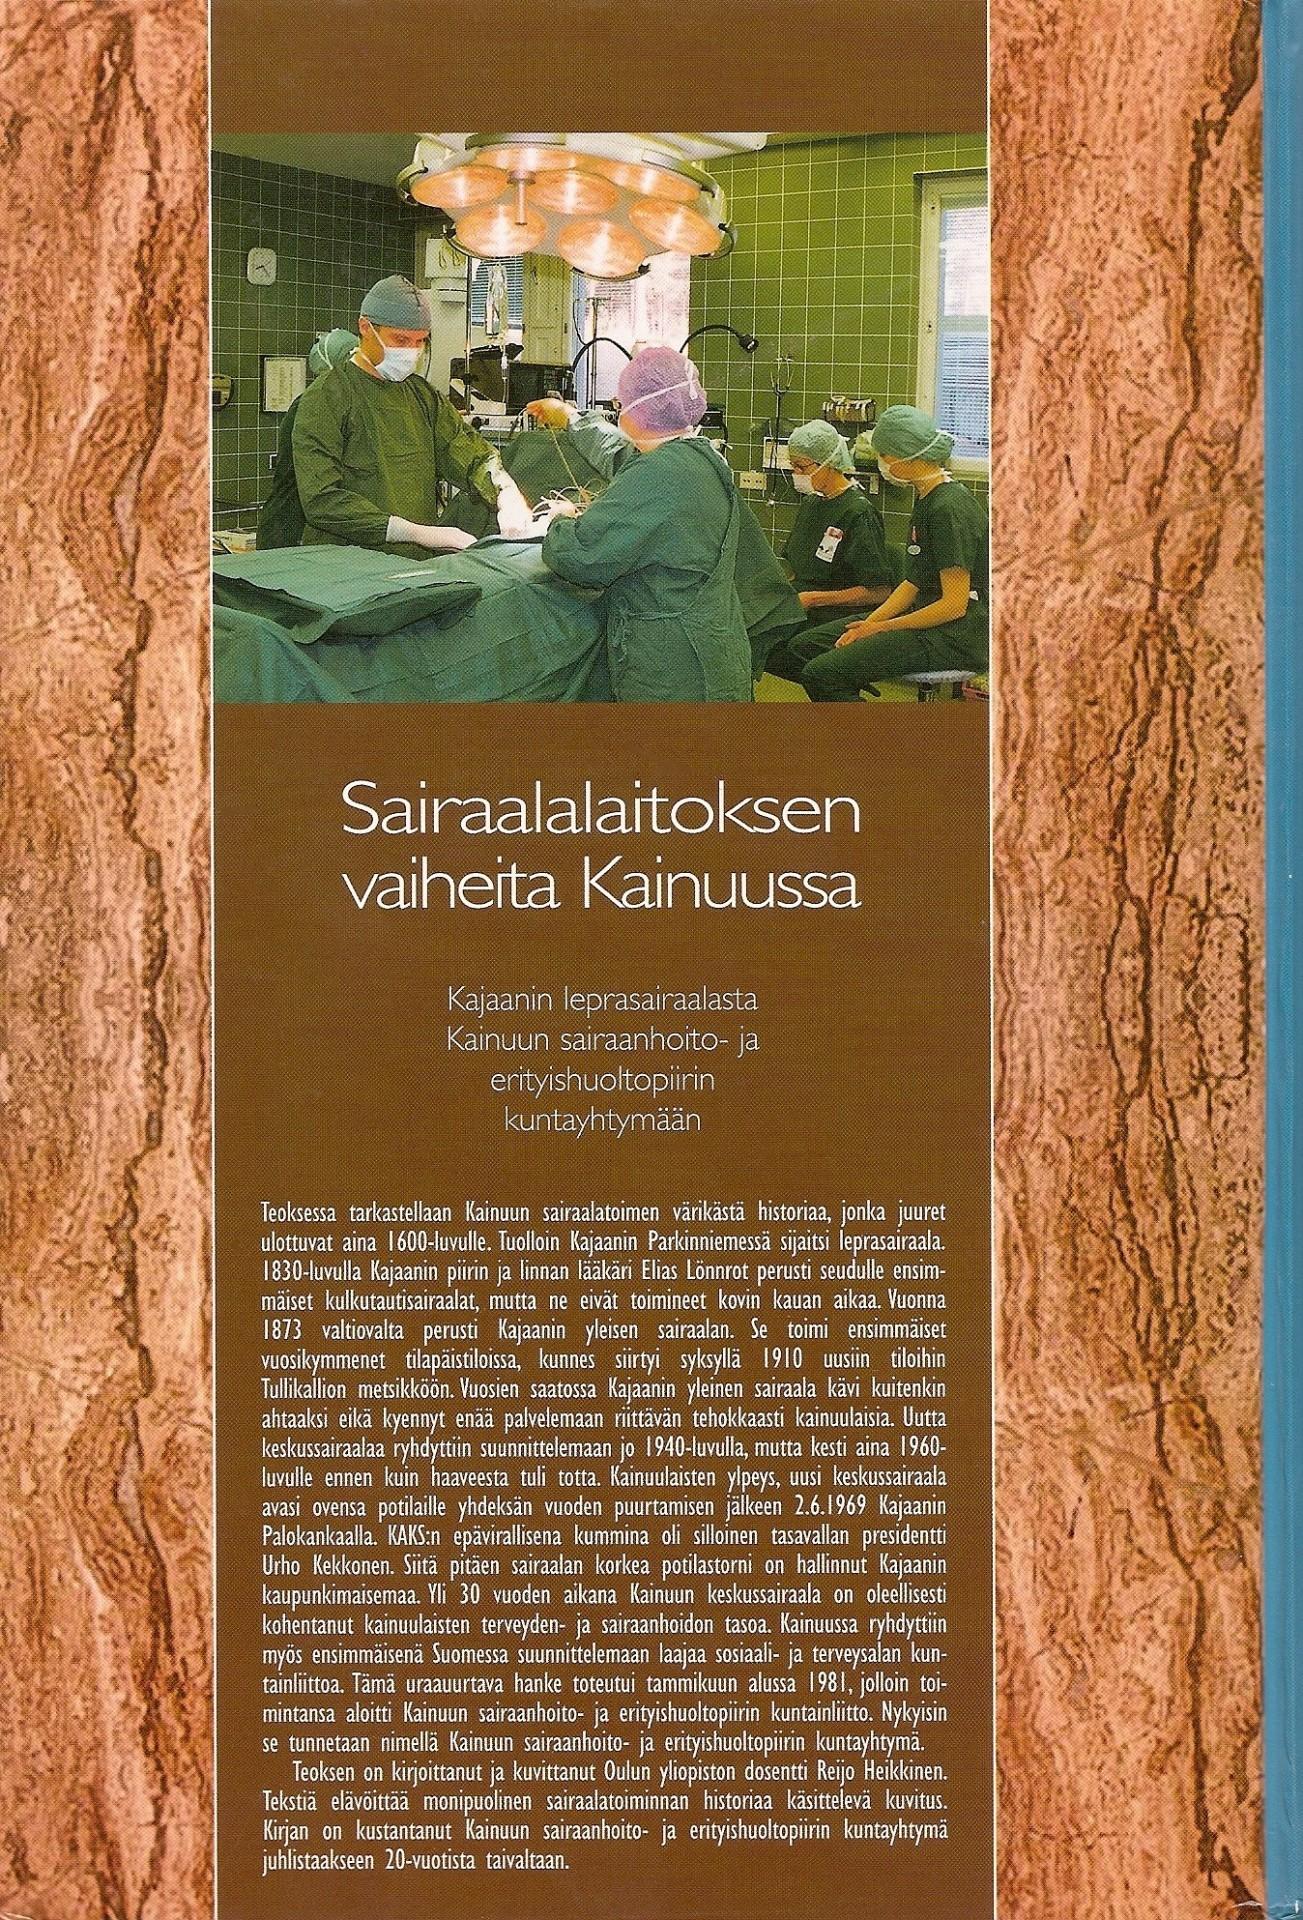 Sairaalalaitoksen vaiheita Kainuussa 2000 takakansi